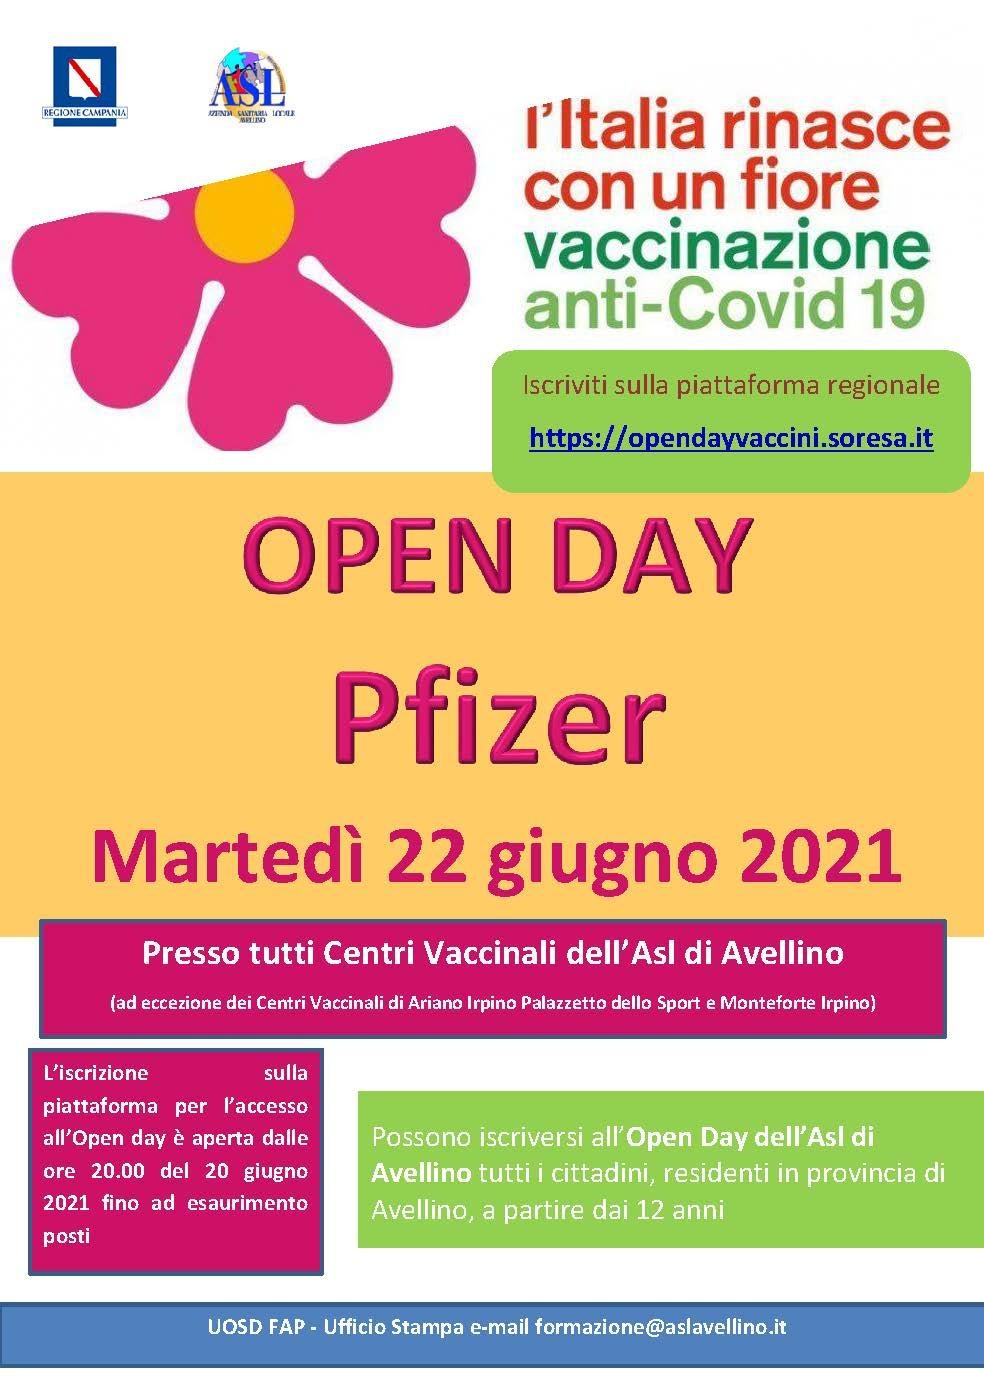 Open Day Pfizer, aperte le prenotazioni per martedì 22 giugno